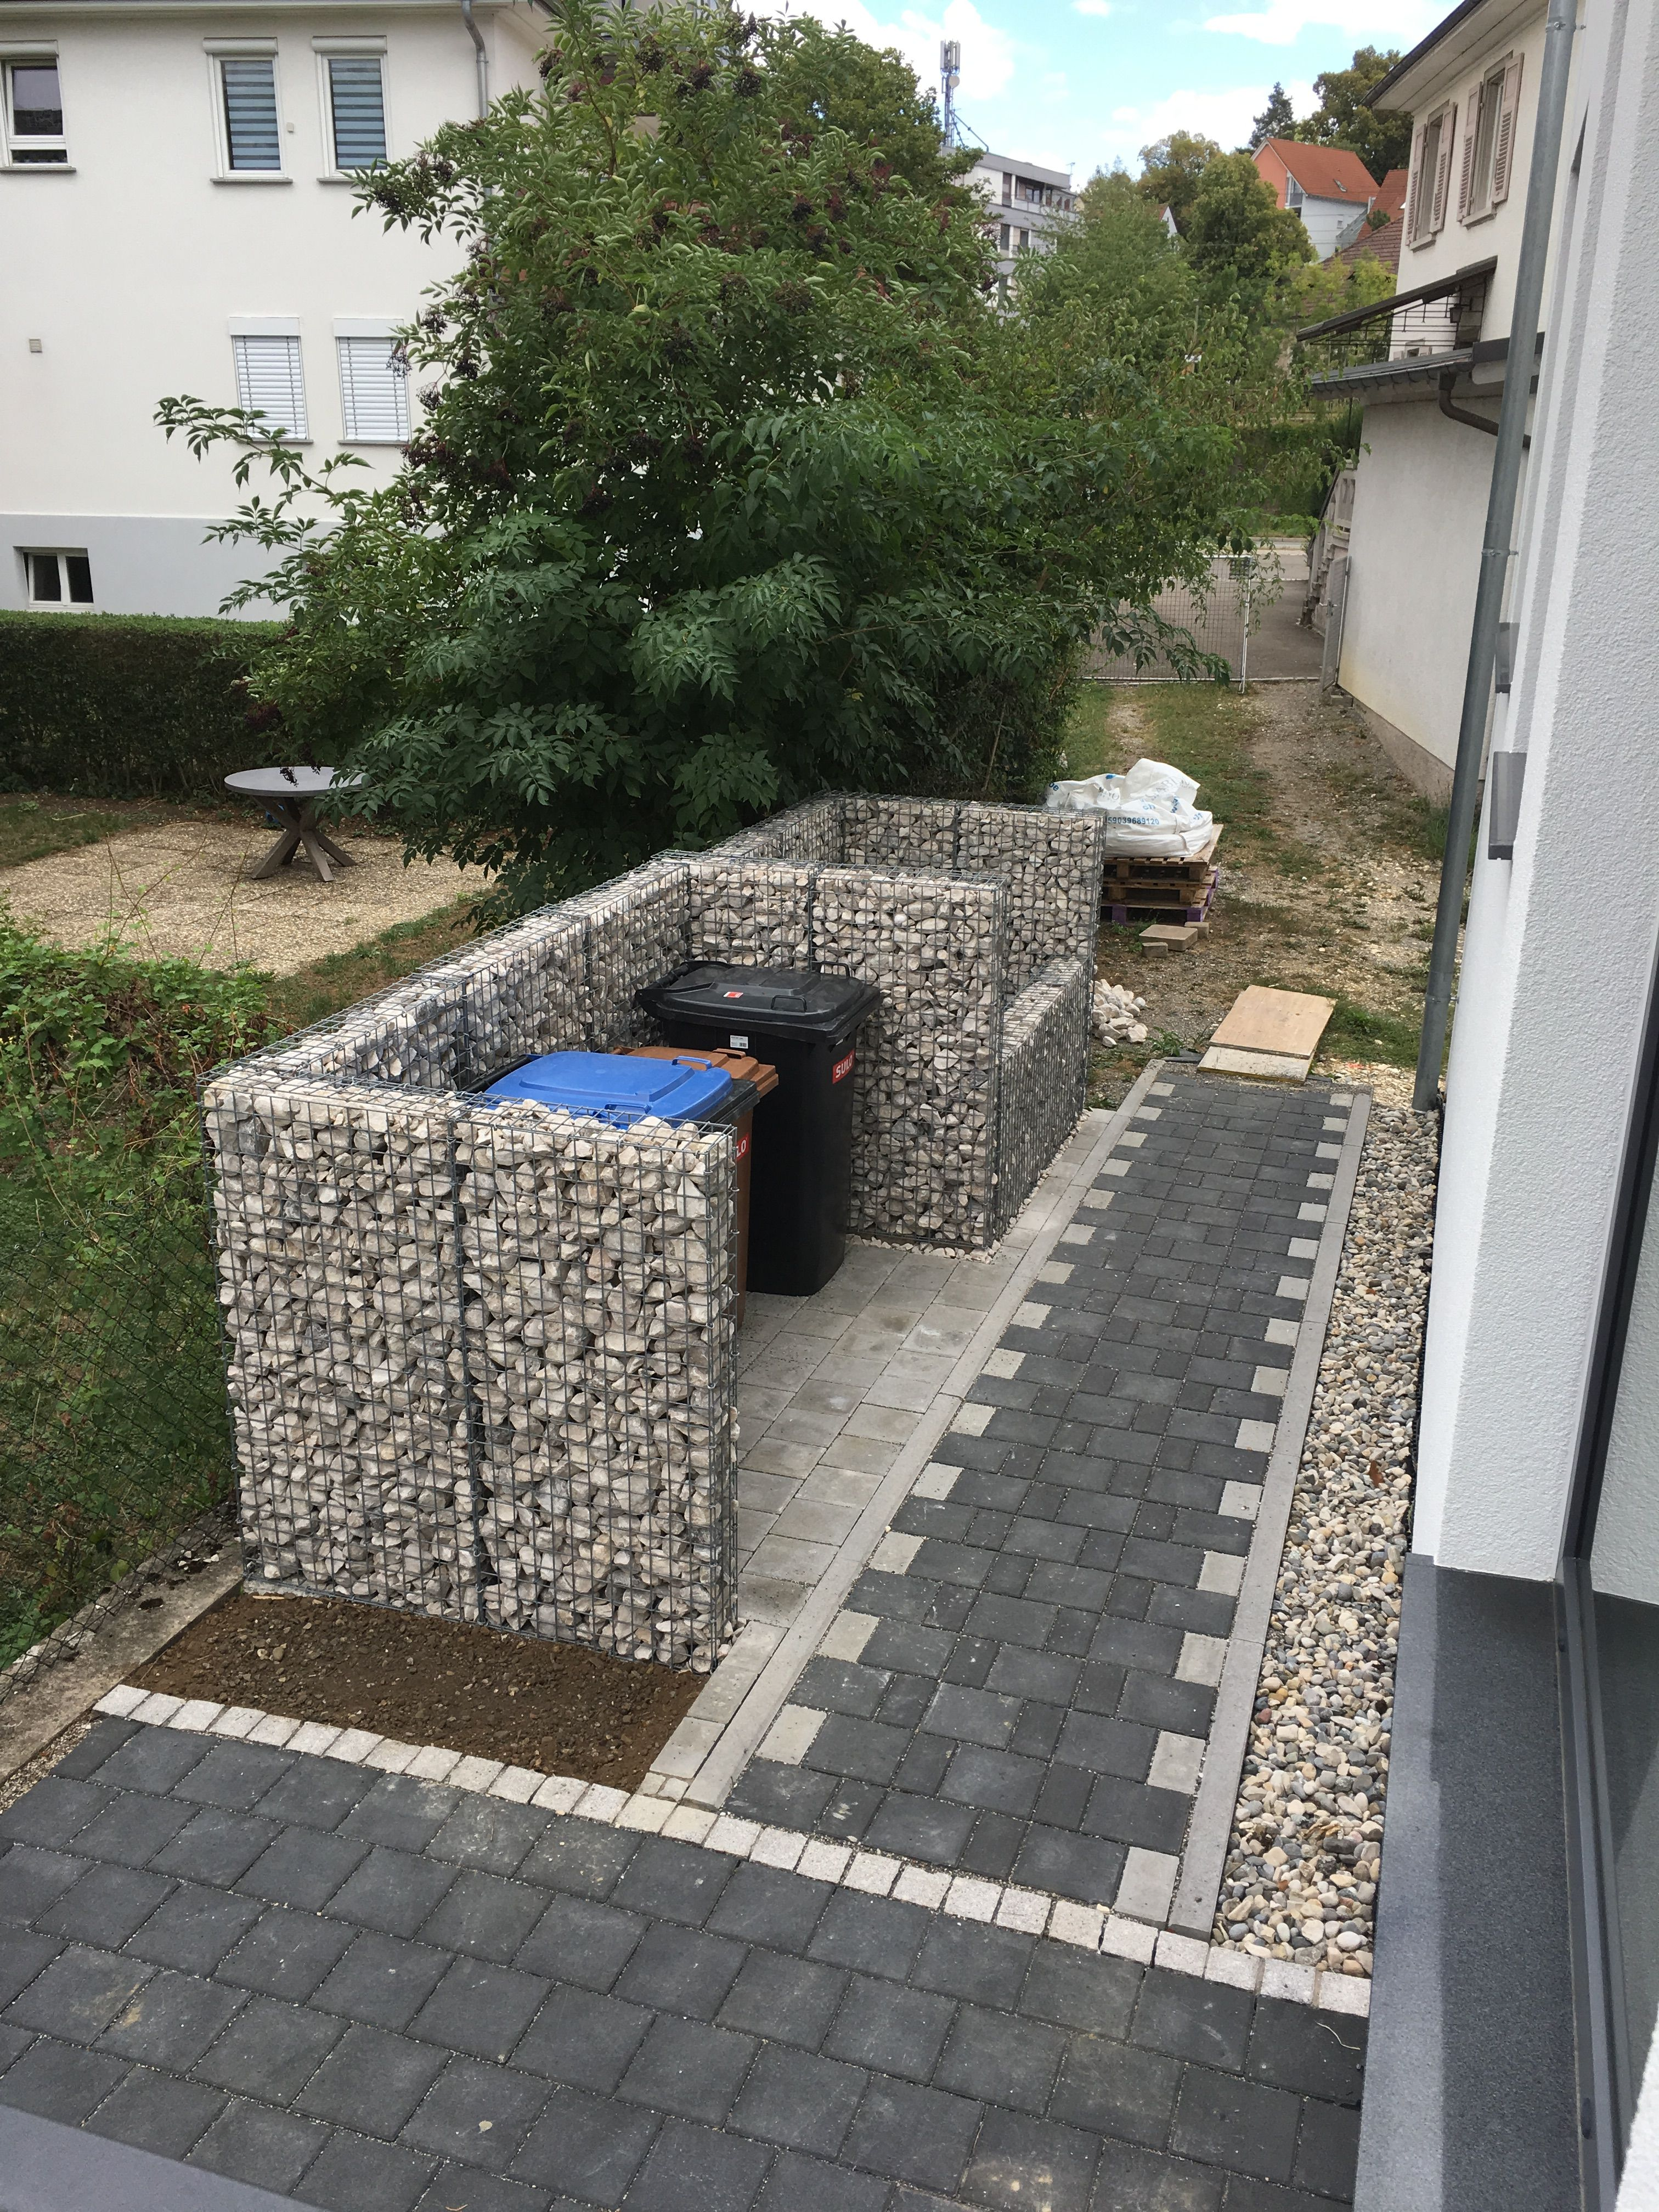 Gabionen Mauer Als Sichtschutz Fur Die Mulltonnen Zugleich Noch